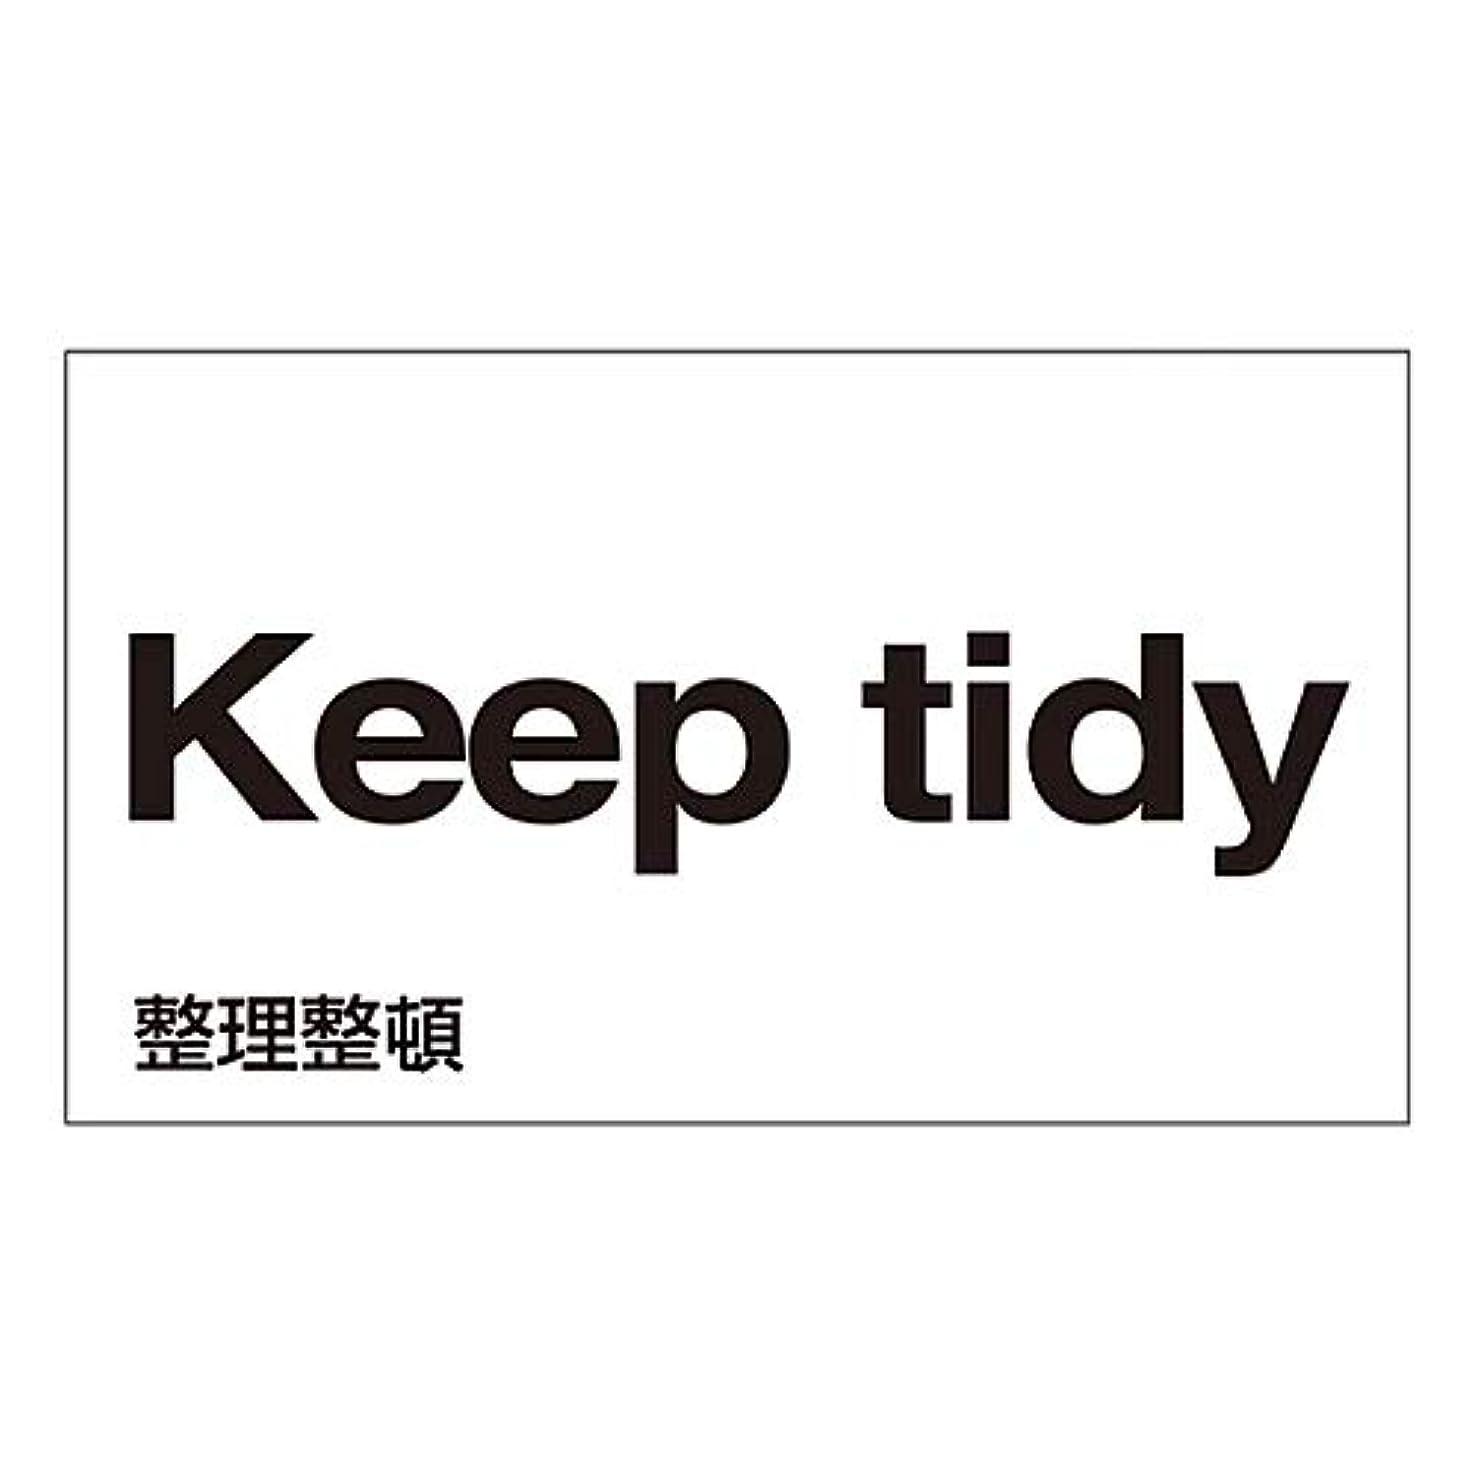 レンダーストライプ笑い外国語ステッカー ?Keep tidy? GK-15 E(英語)/61-3413-29